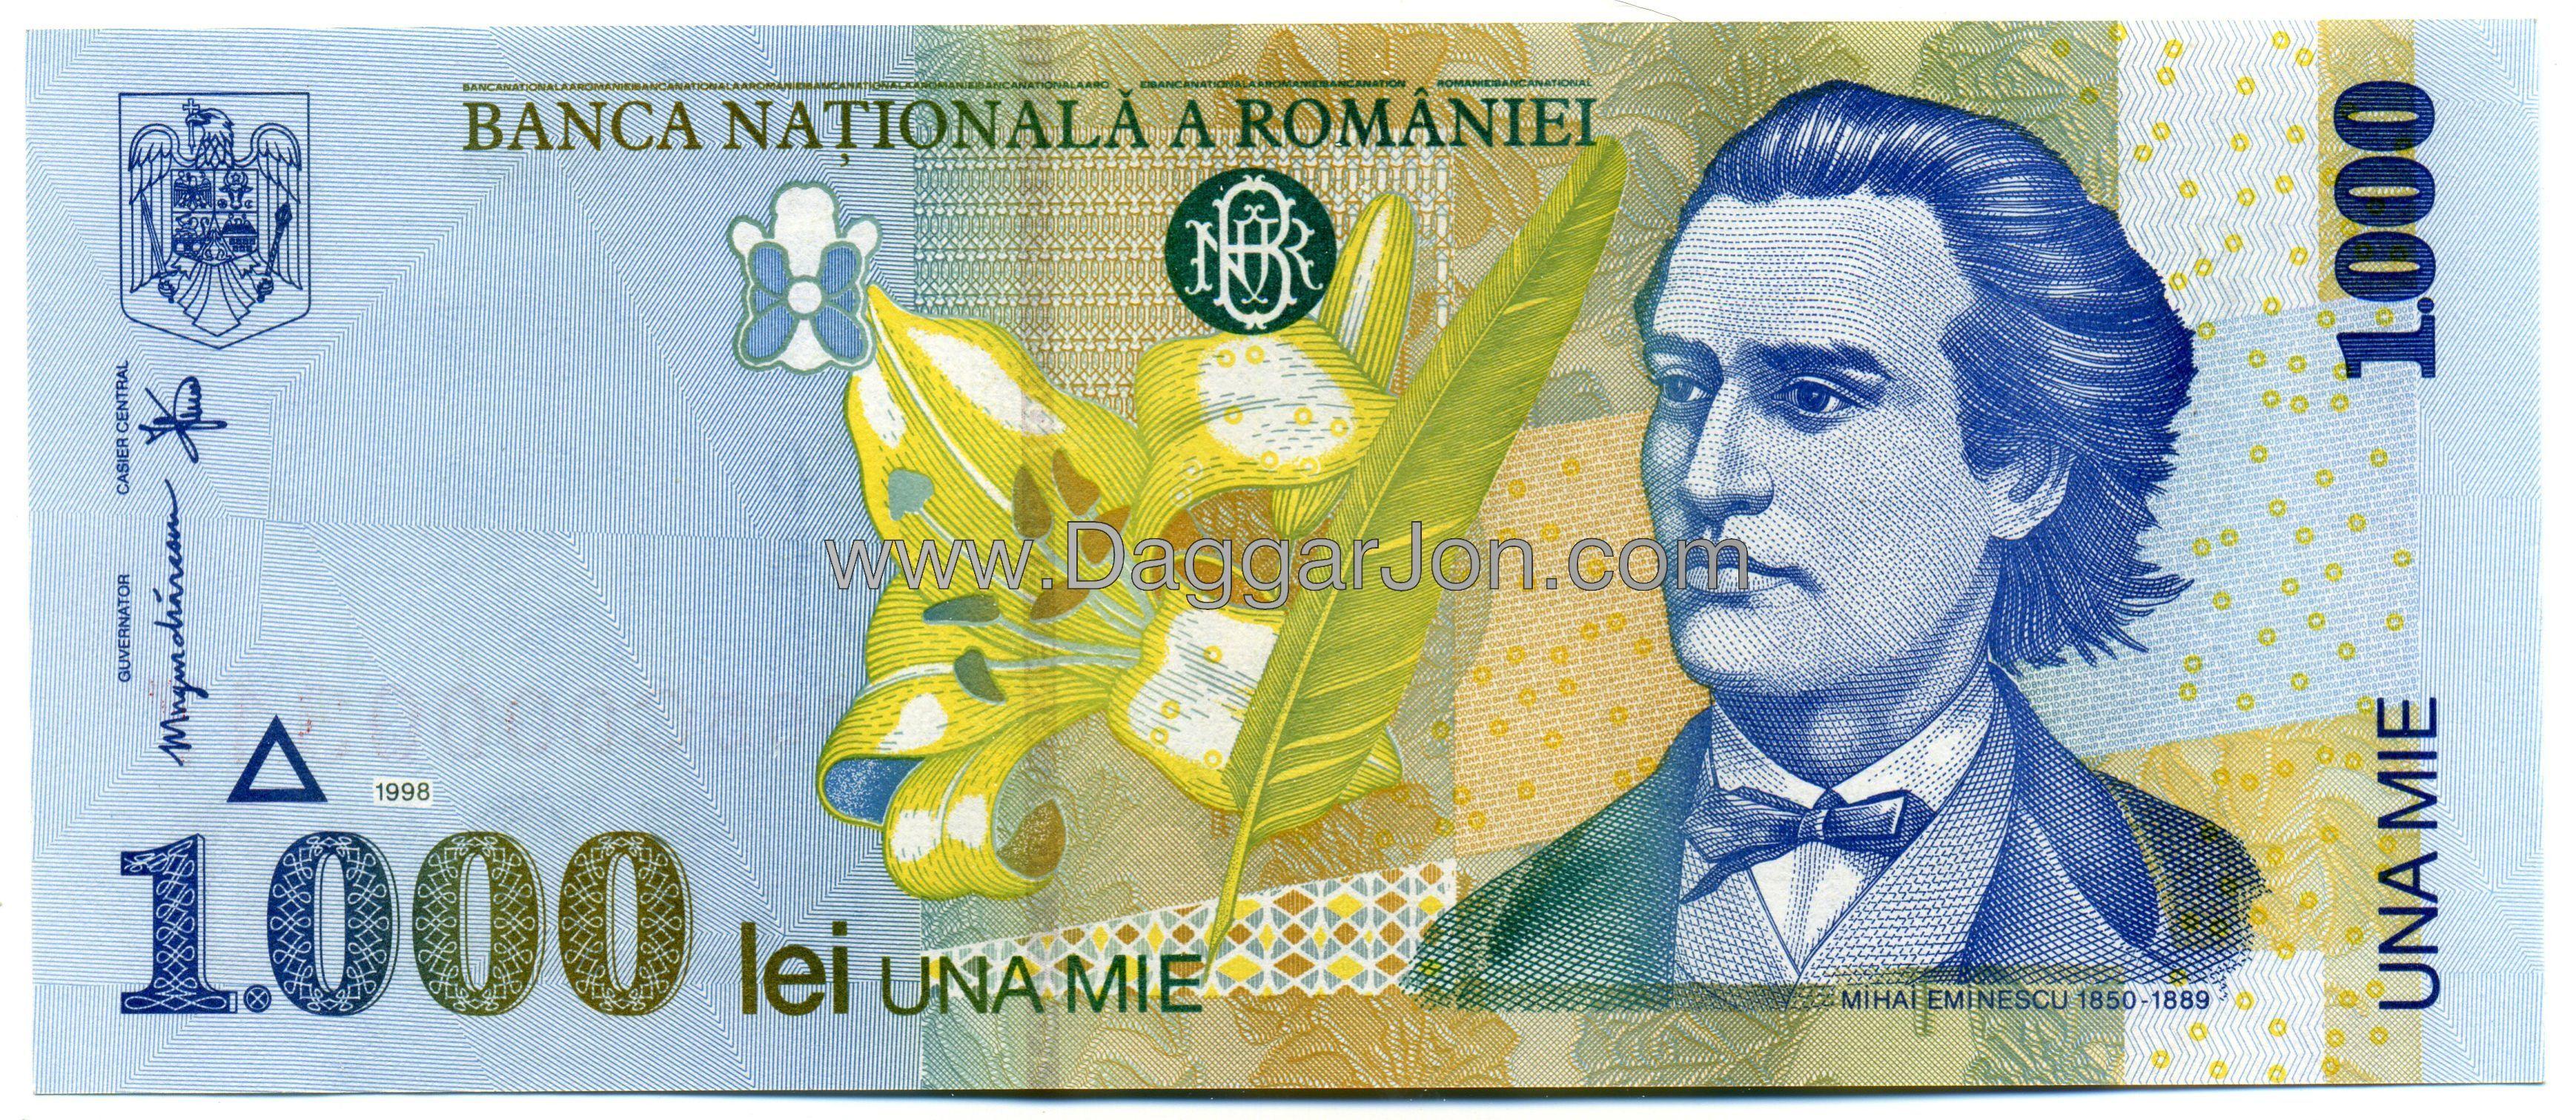 romania currency | Romanian Currency | Romania in 2019 | World coins, Romania, Coins